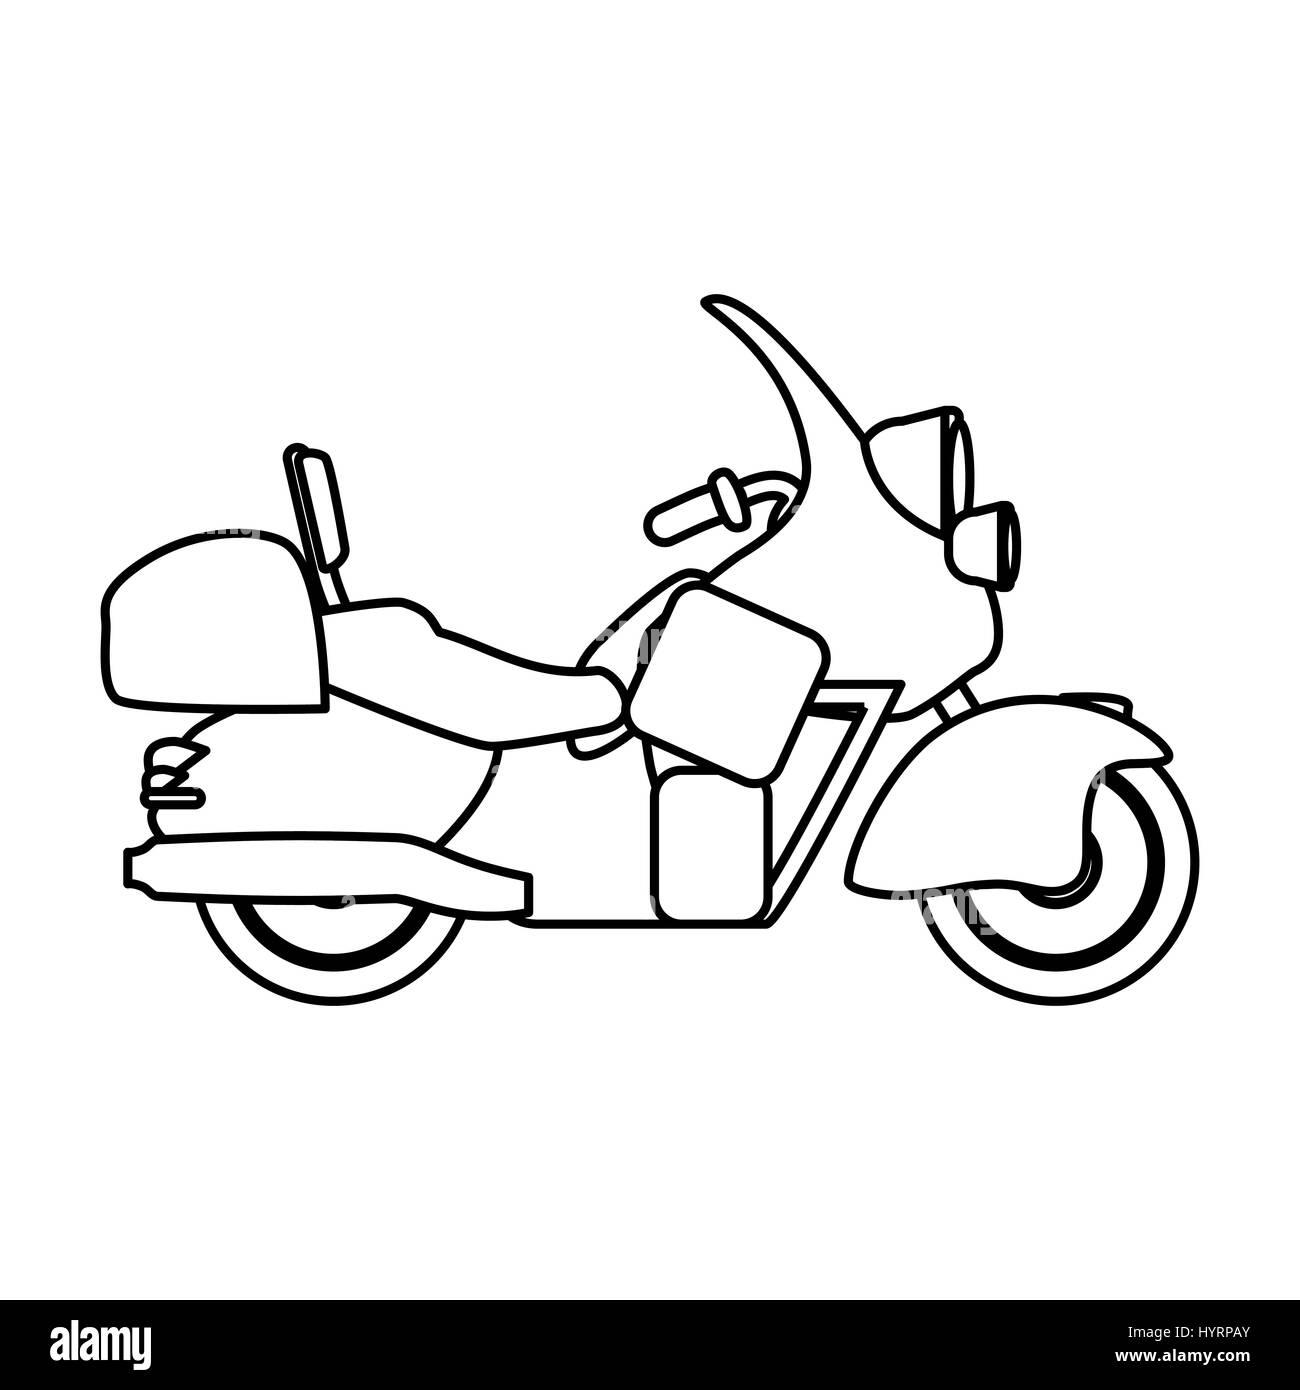 Ausgezeichnet Moto Vorlagen Zeitgenössisch - Beispiel Wiederaufnahme ...